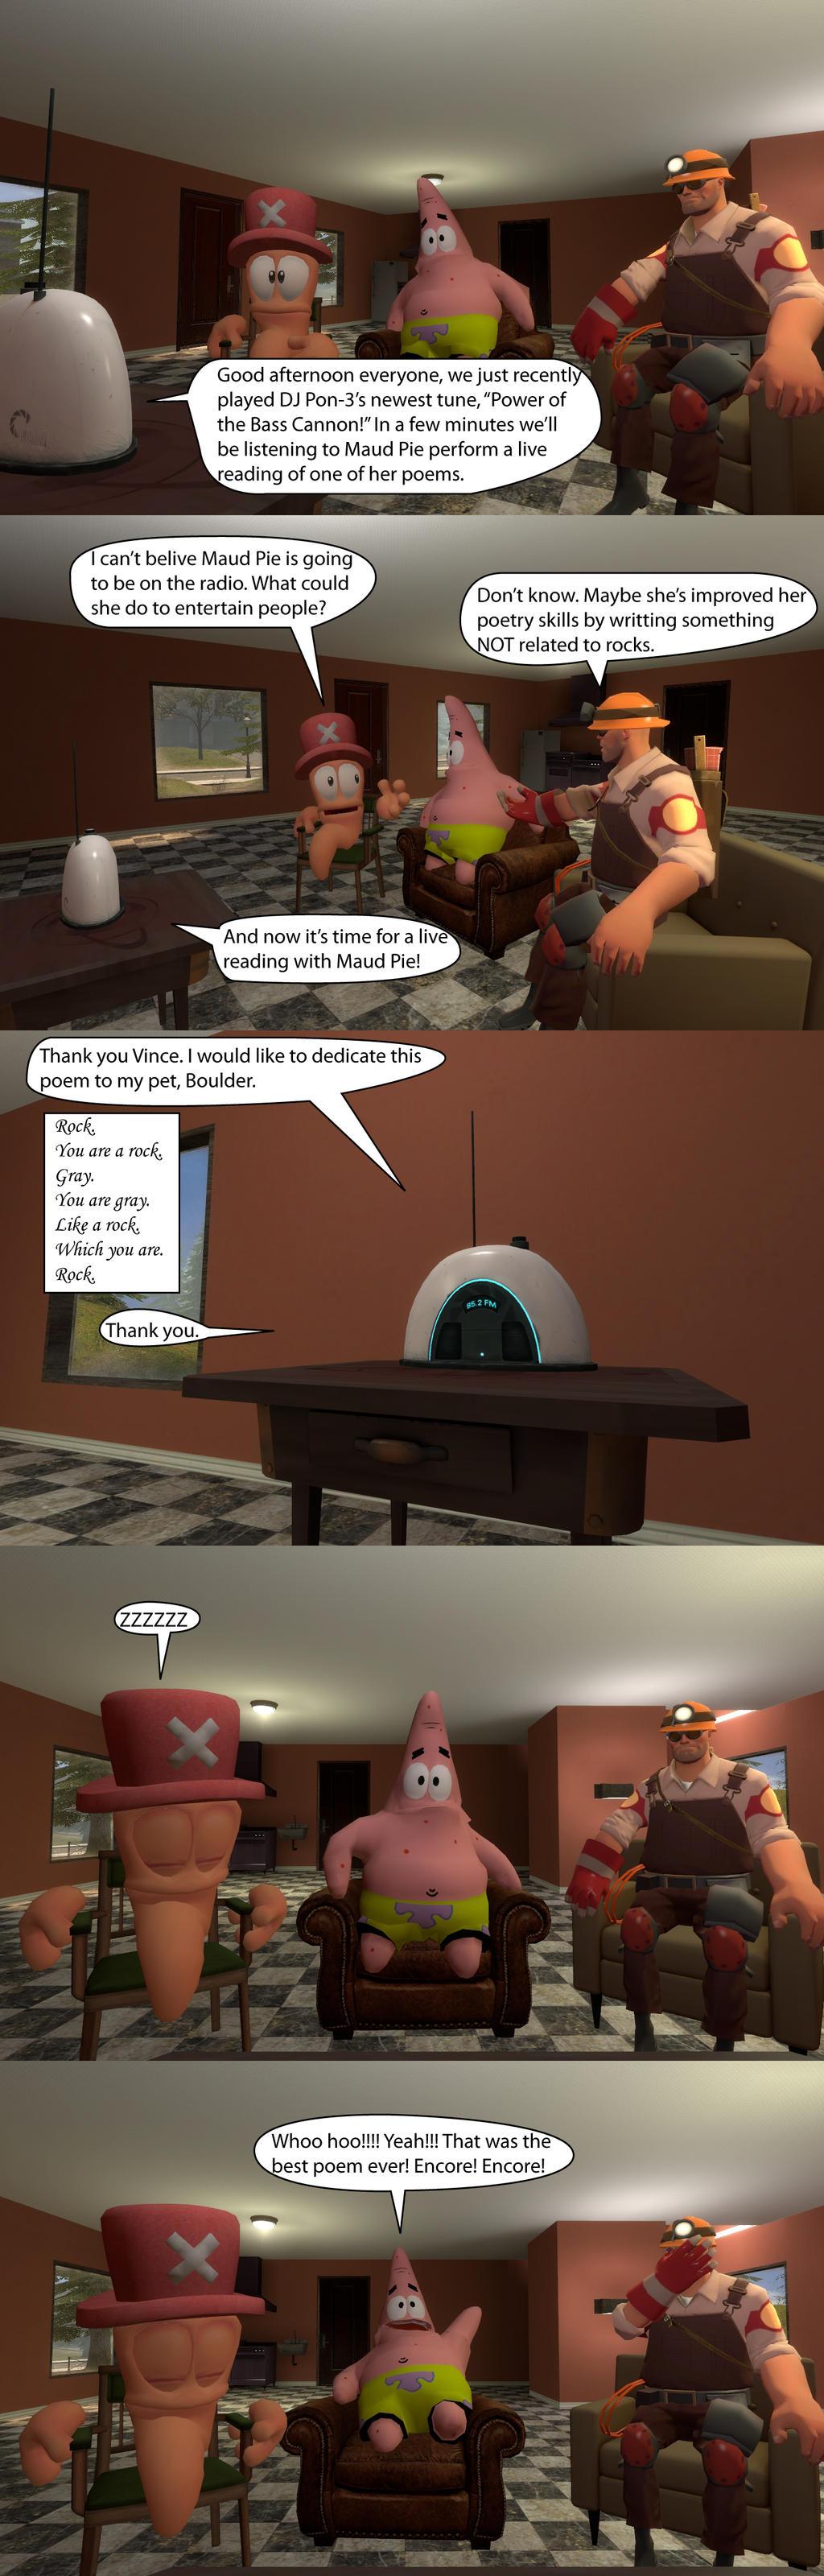 Maud Pie's Biggest Fan by MeltingMan234